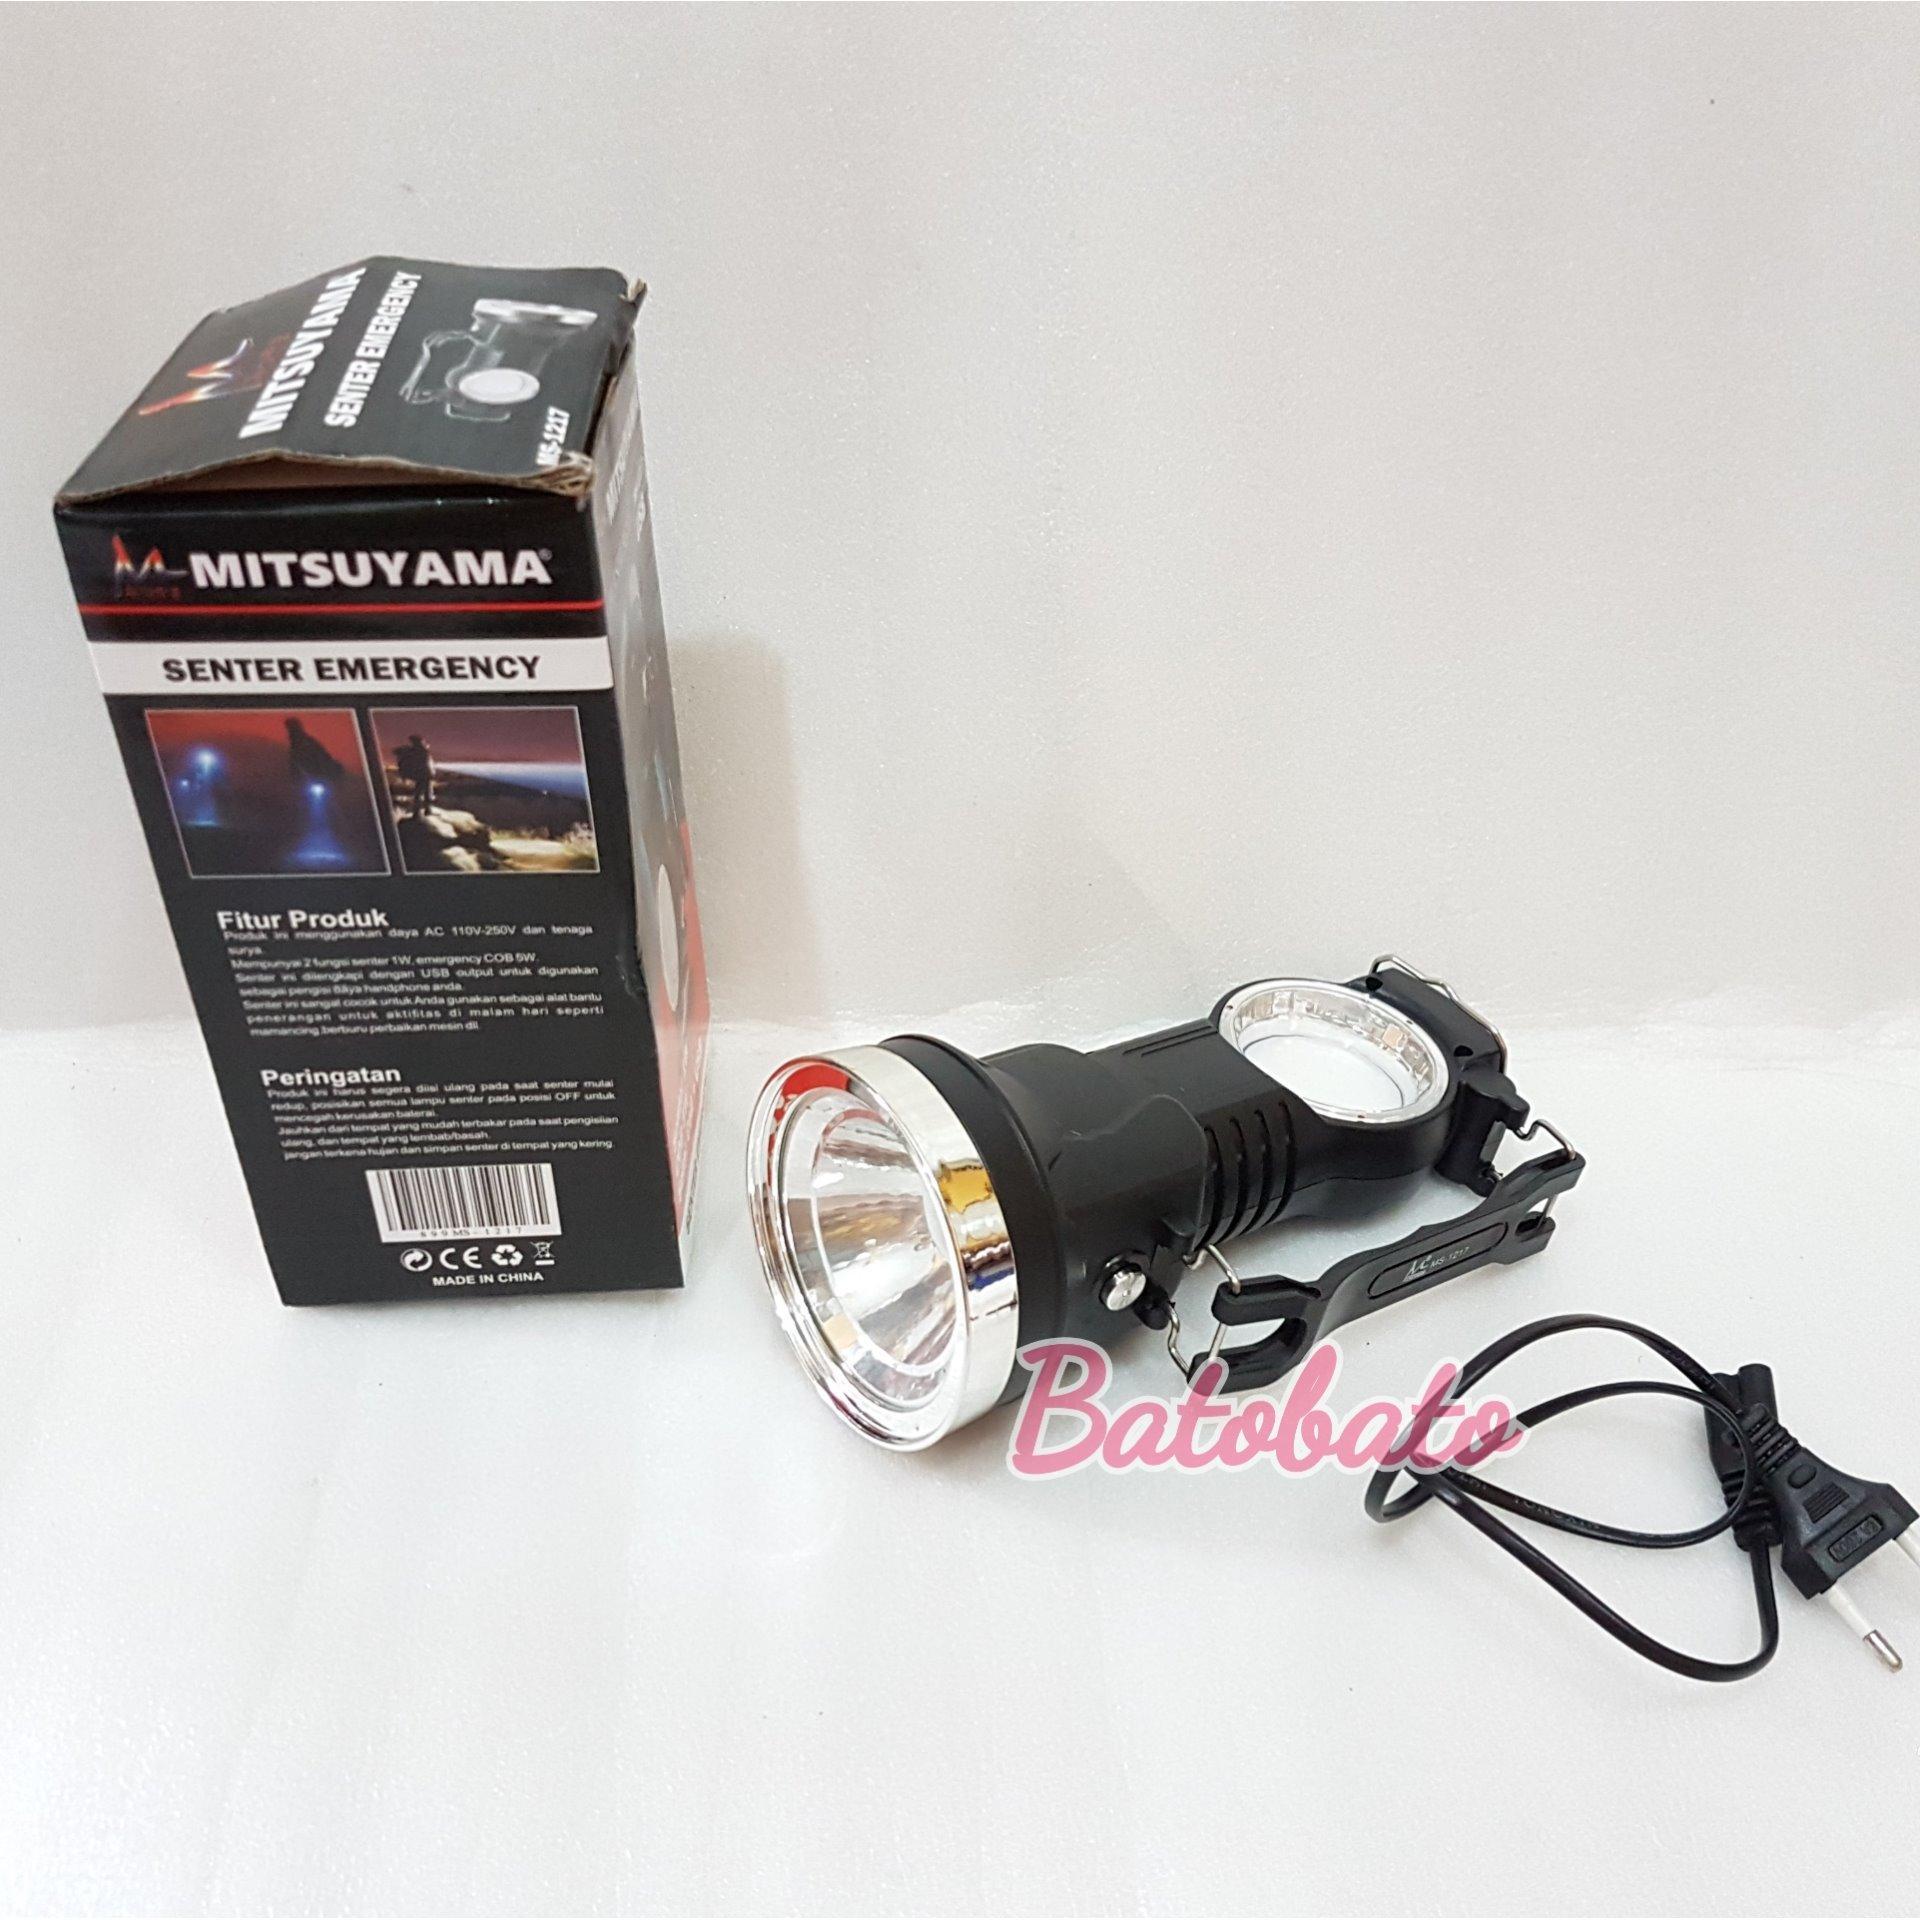 Rp 54.500. Lampu Kemah Solar 2 LED / Lampu Tenaga Surya / Lampu Senter Solar Energy / Senter Waterproof ...